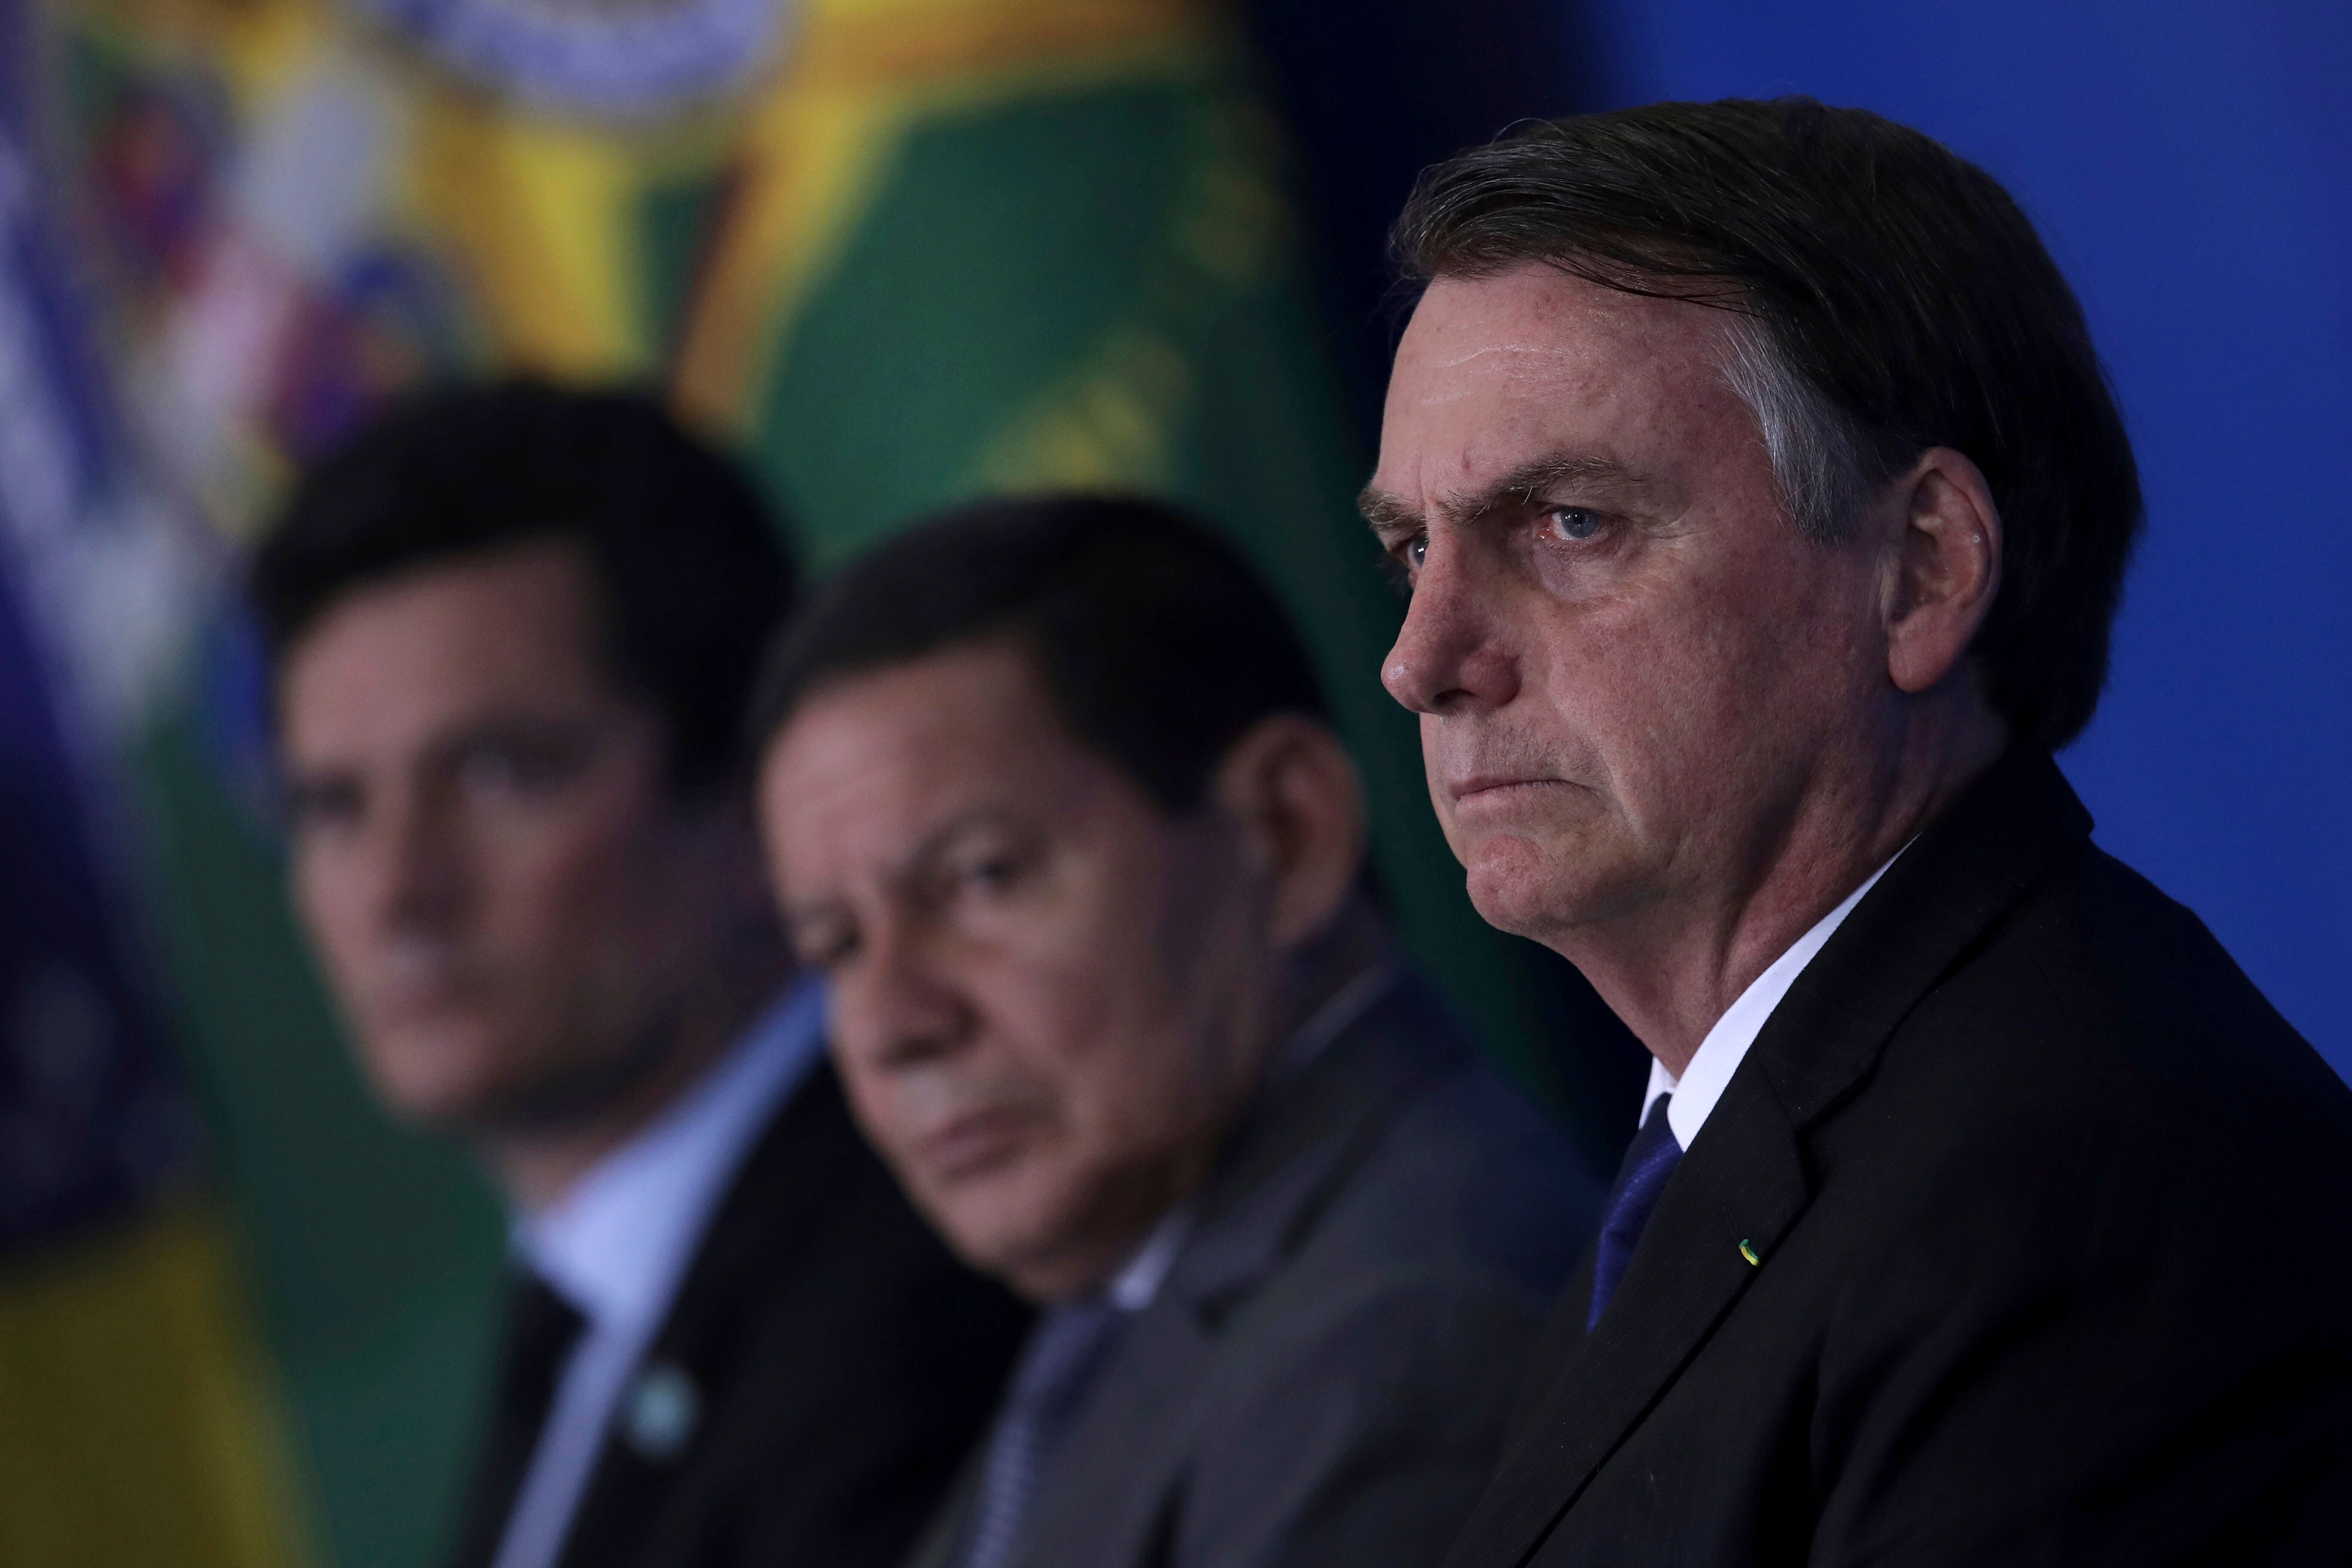 Bolsonaro segue caminho do caos e dá vazão a retórica antidemocrática, diz líder do